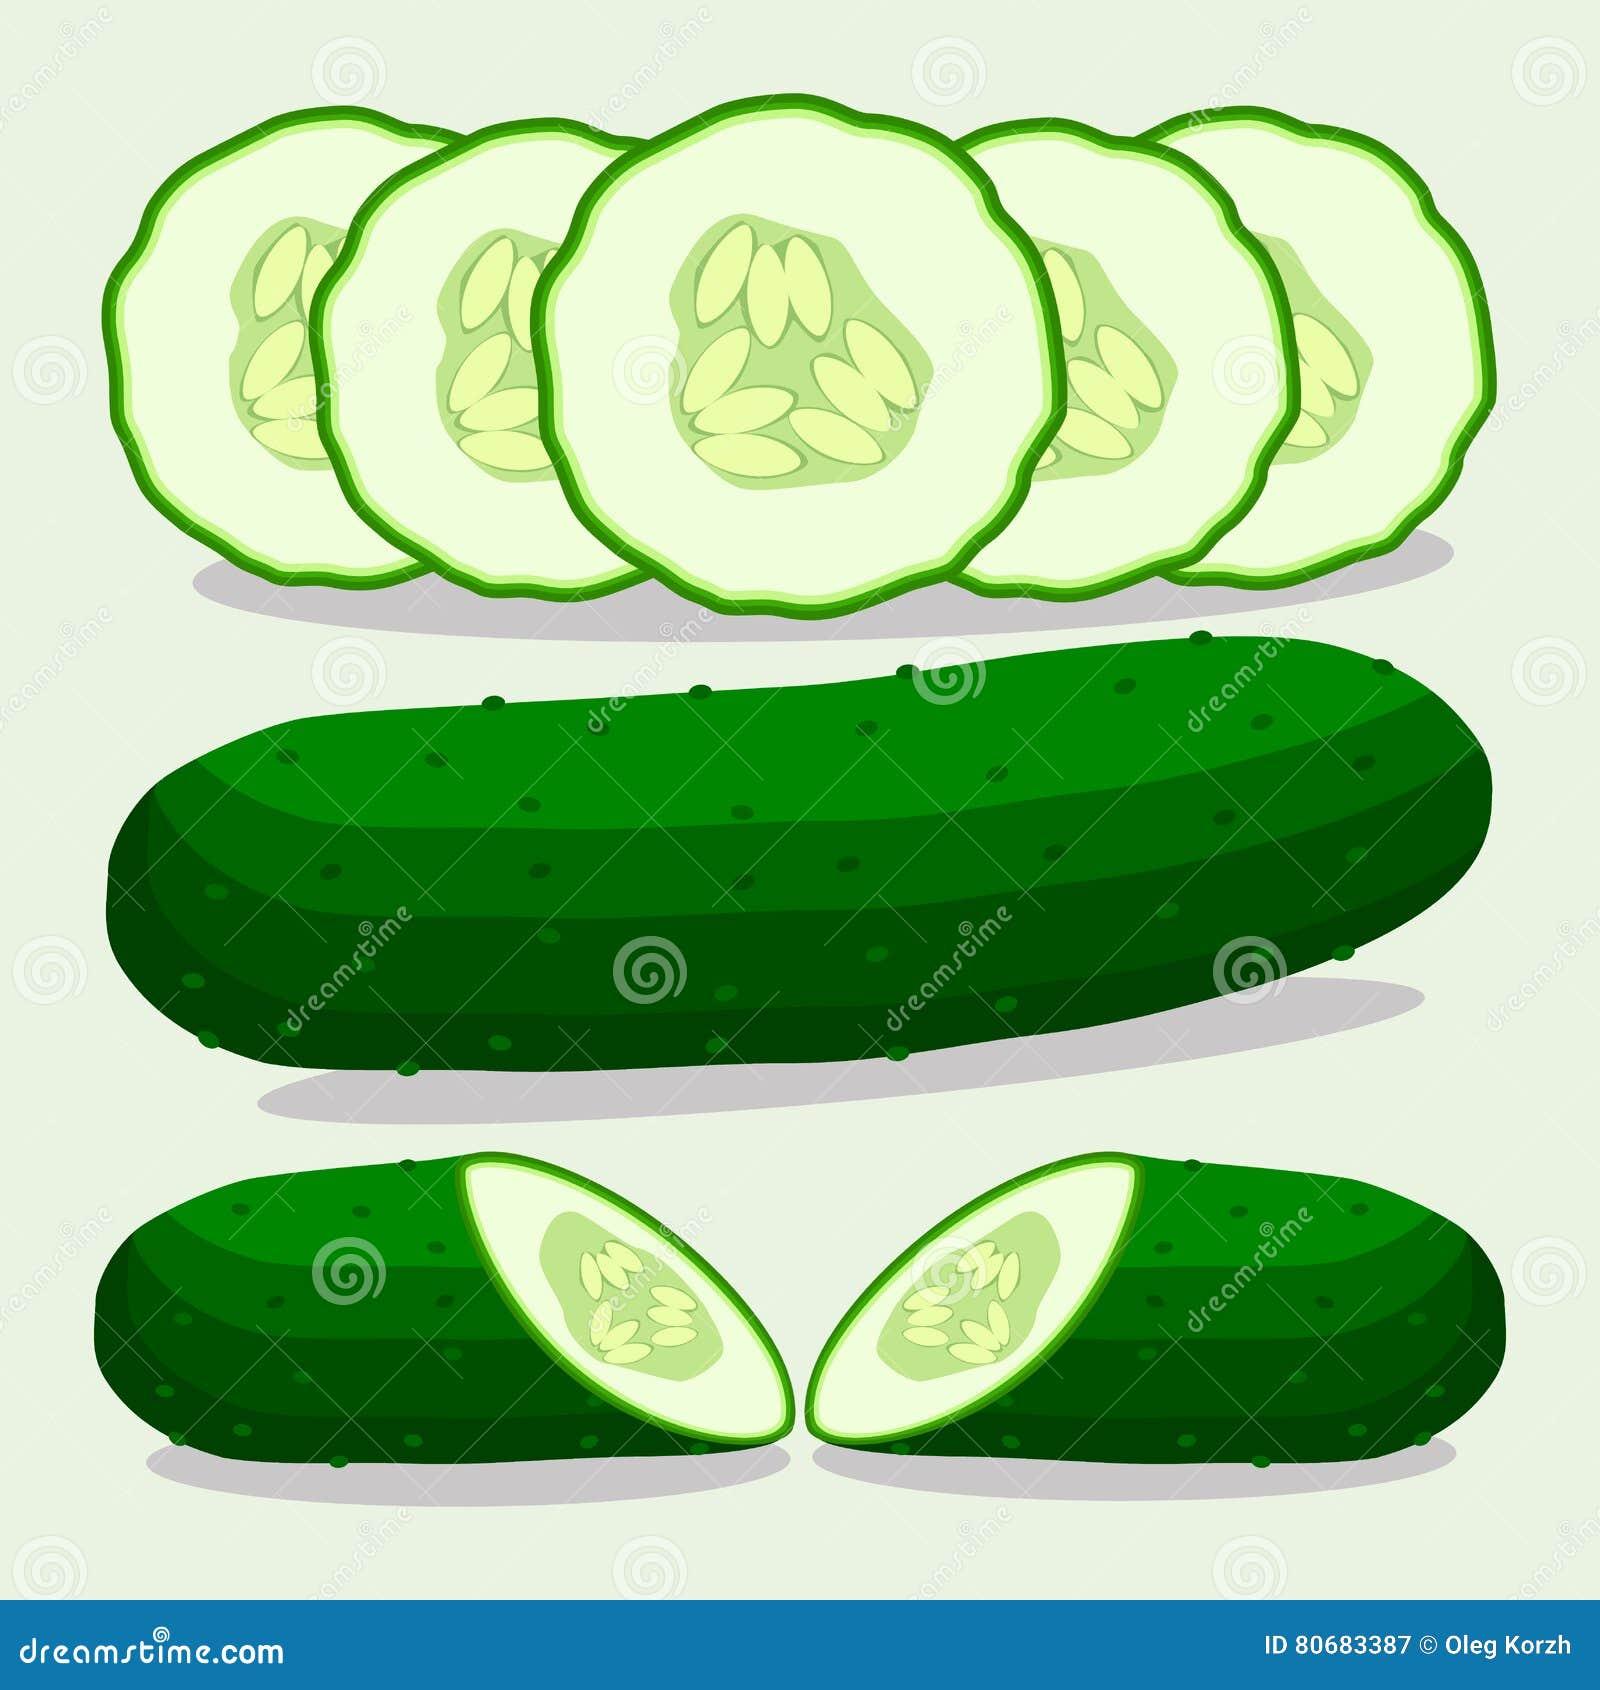 Wektorowa ilustracja logo dla zielonego ogórka